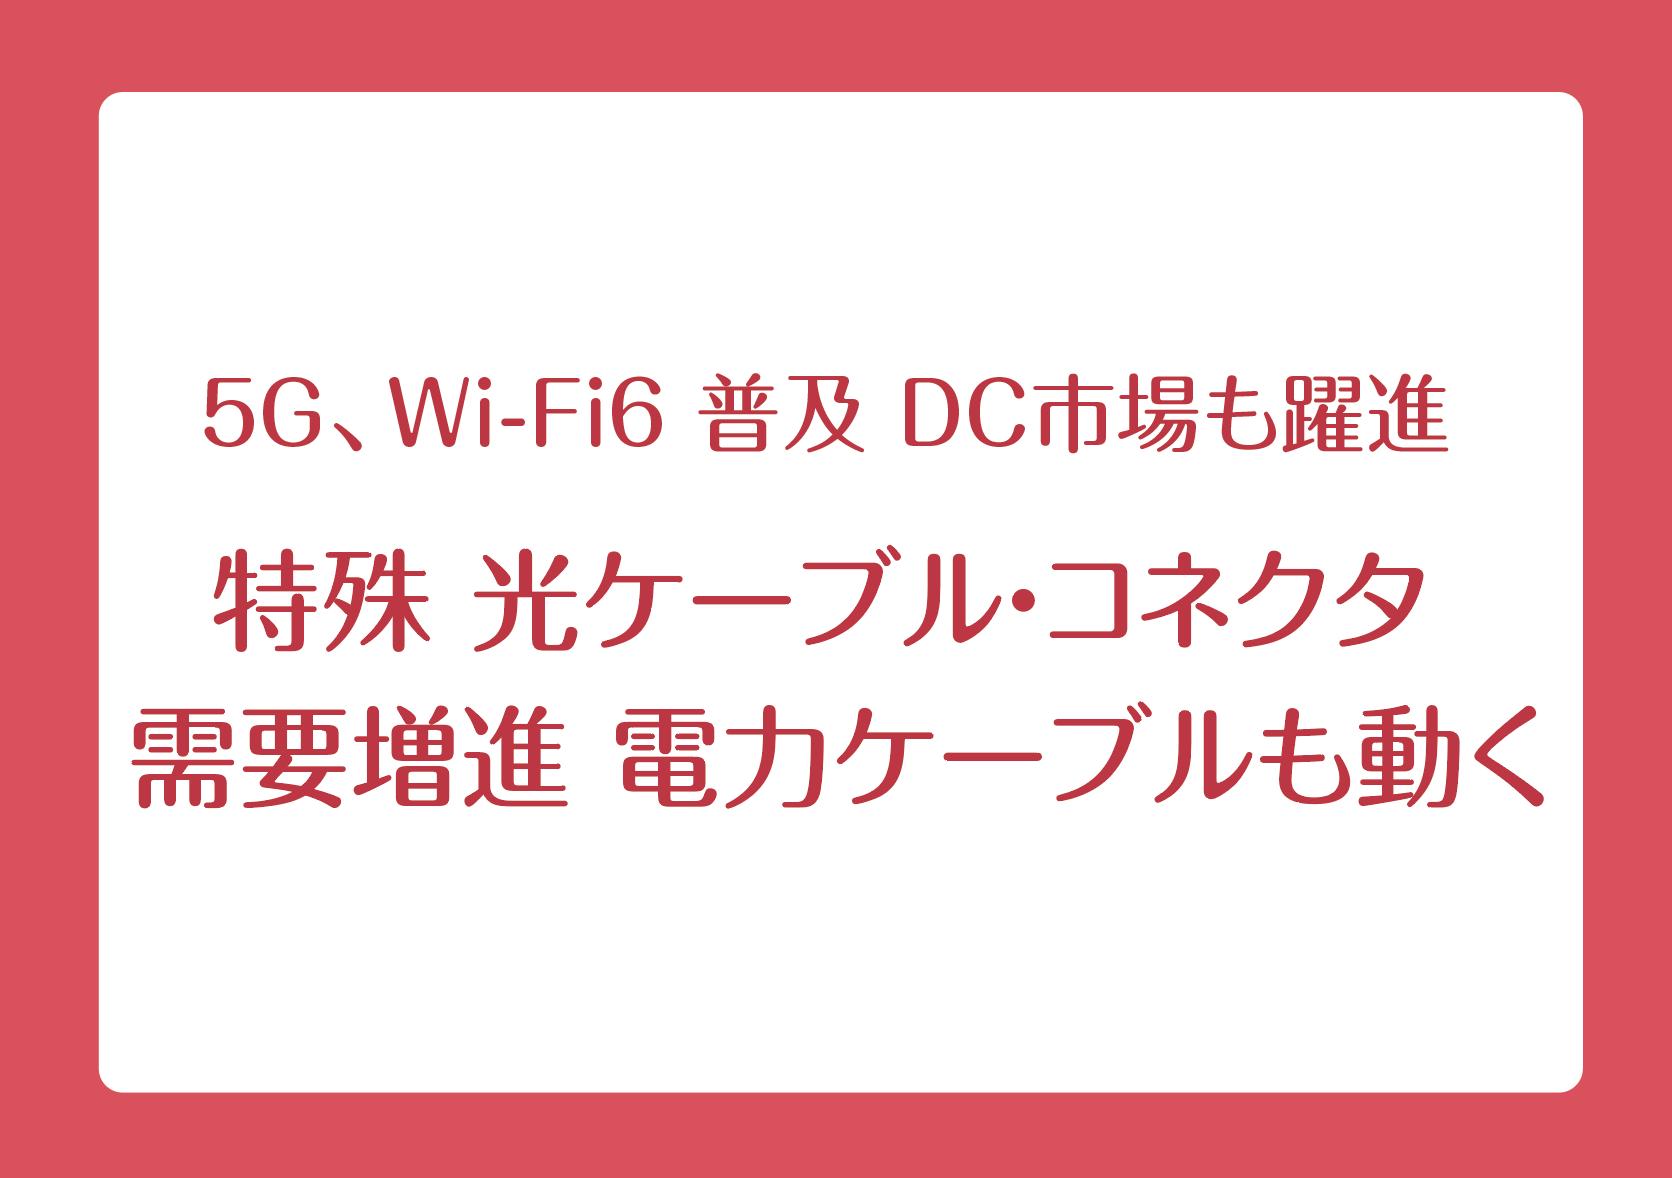 5G、Wi-Fi6 普及 DC市場も躍進 特殊 光ケーブル・コネクタ 需要増進 電力ケーブルも動くの画像